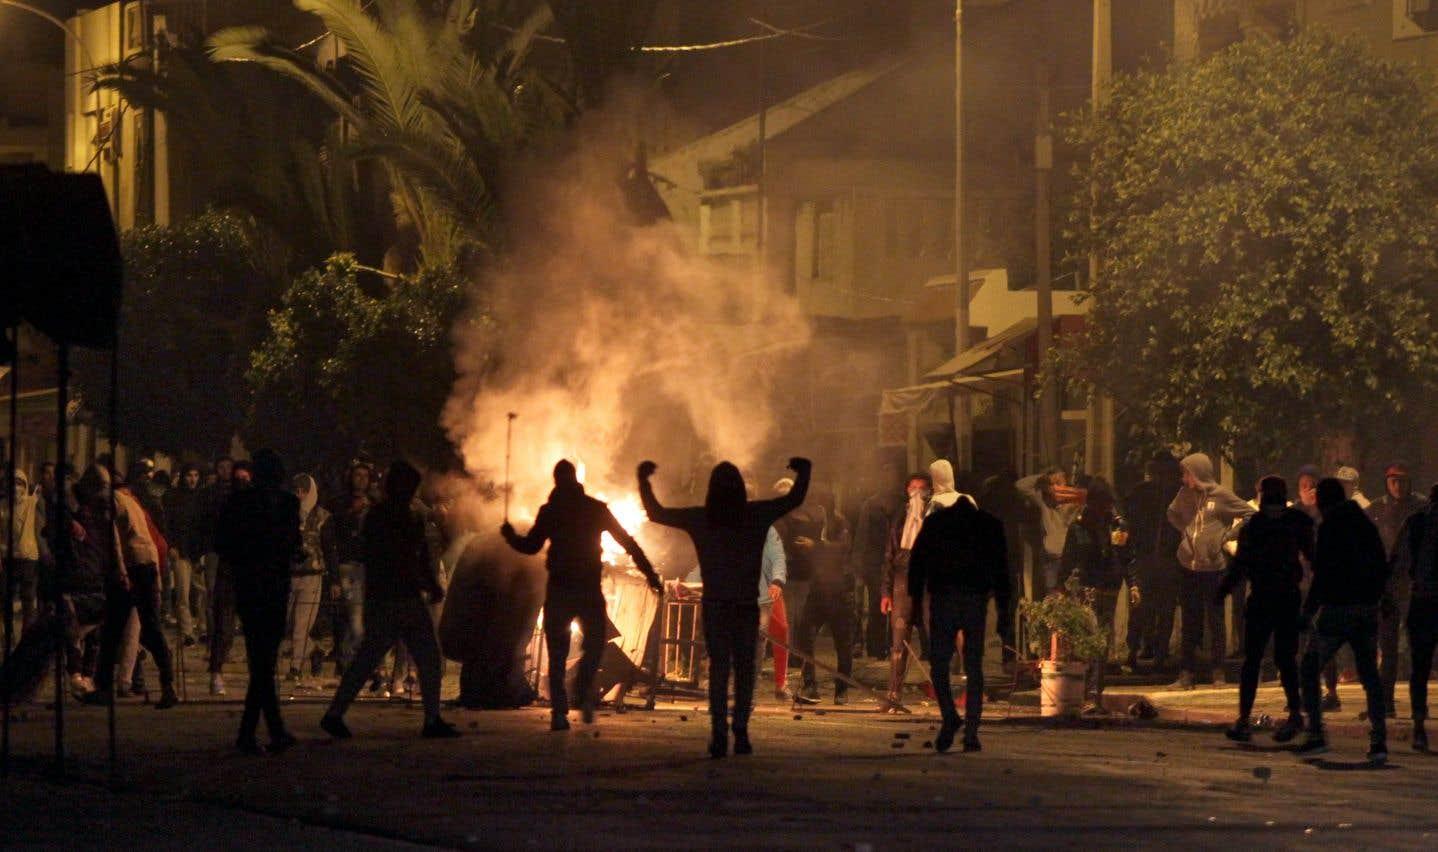 151 personnes impliquées dans des actes de violence ont été arrêtées jeudi, portant le total des arrestations à 778 depuis lundi.